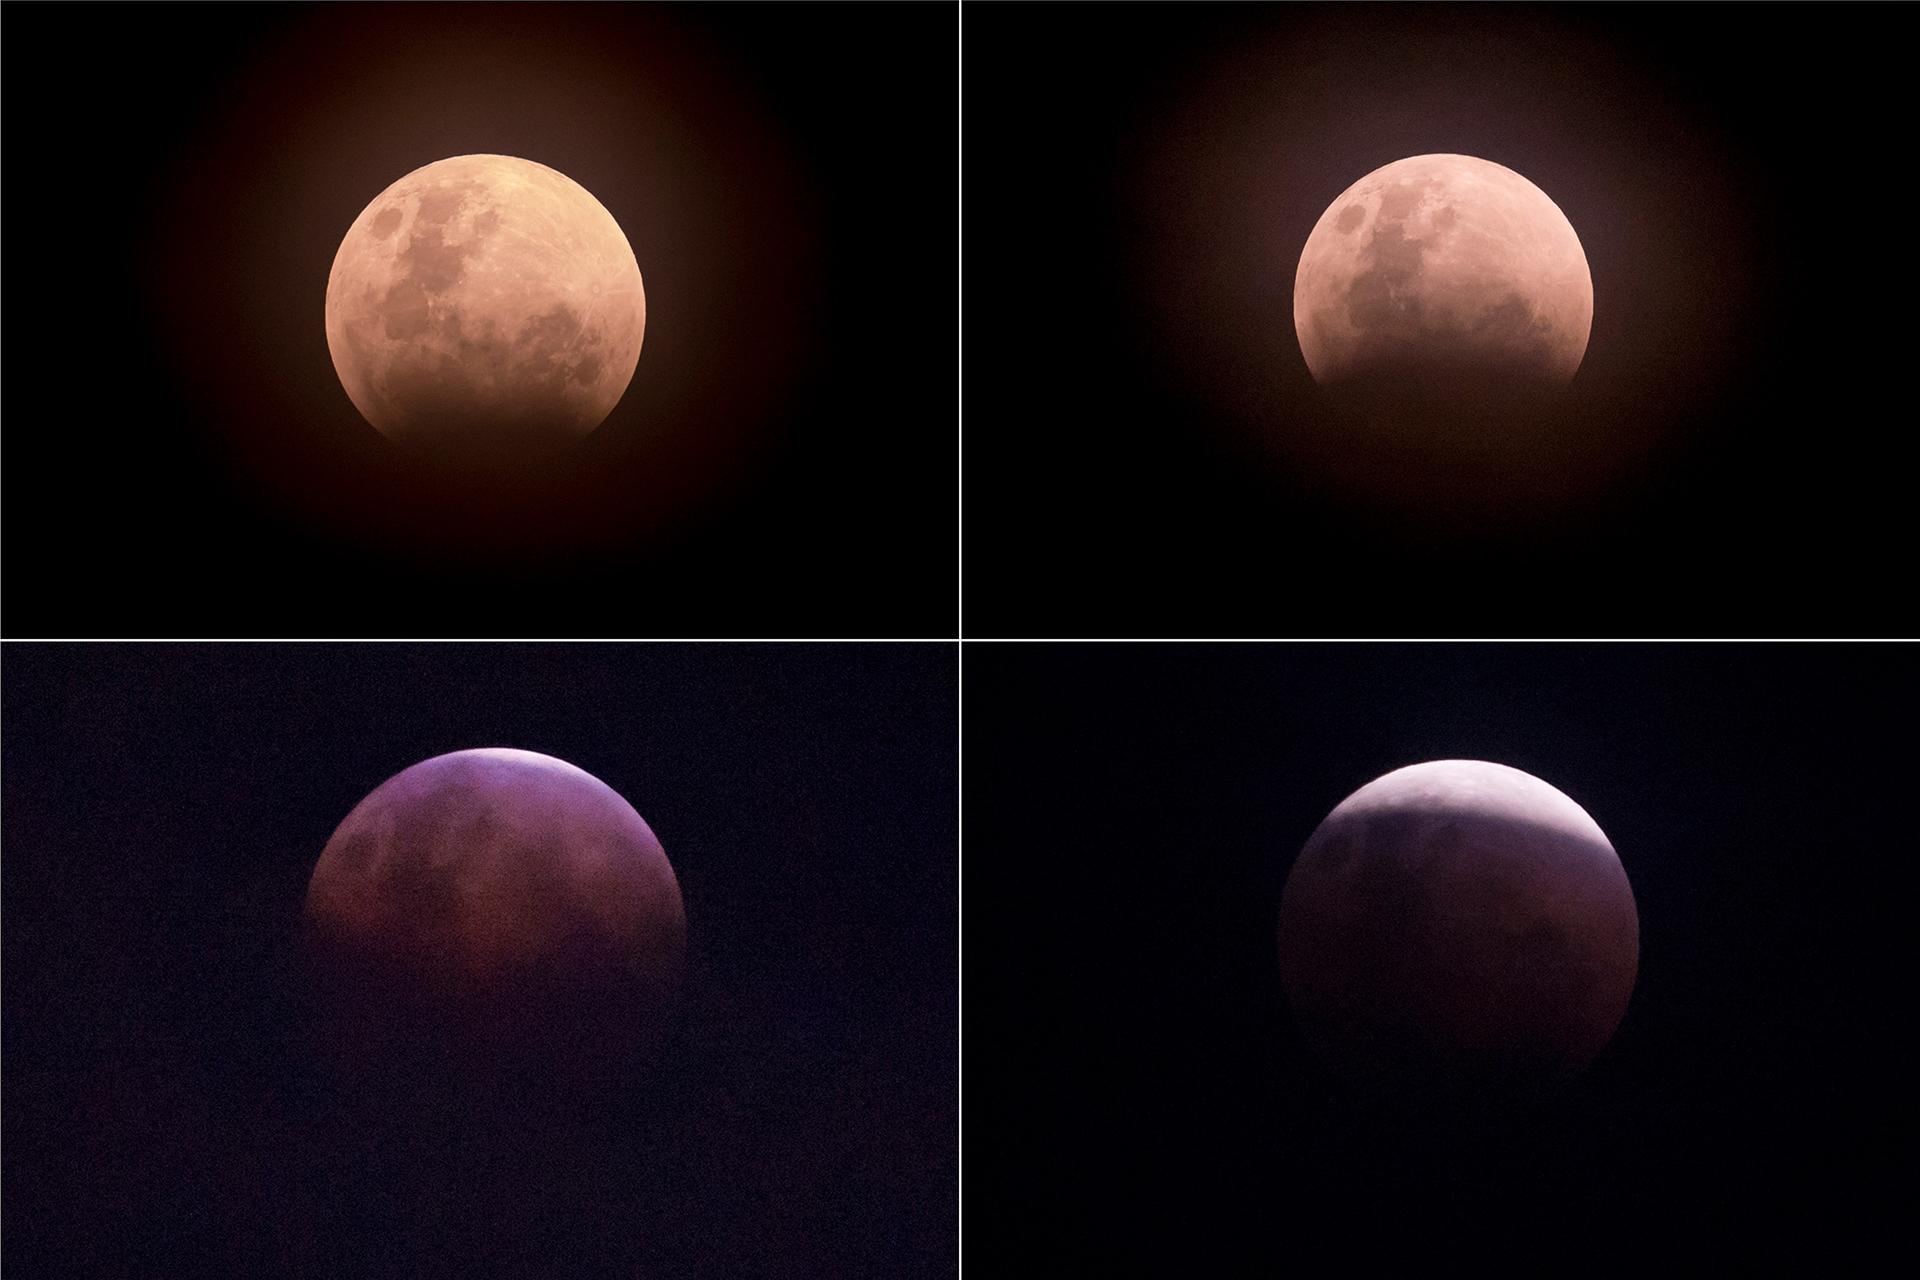 """Esta imagen combinada (desde arriba a la izquierda en sentido horario) muestra la luna durante un eclipse lunar llamado """"superluna de sangre azul"""" en Yakarta, el 31 de enero de 2018"""